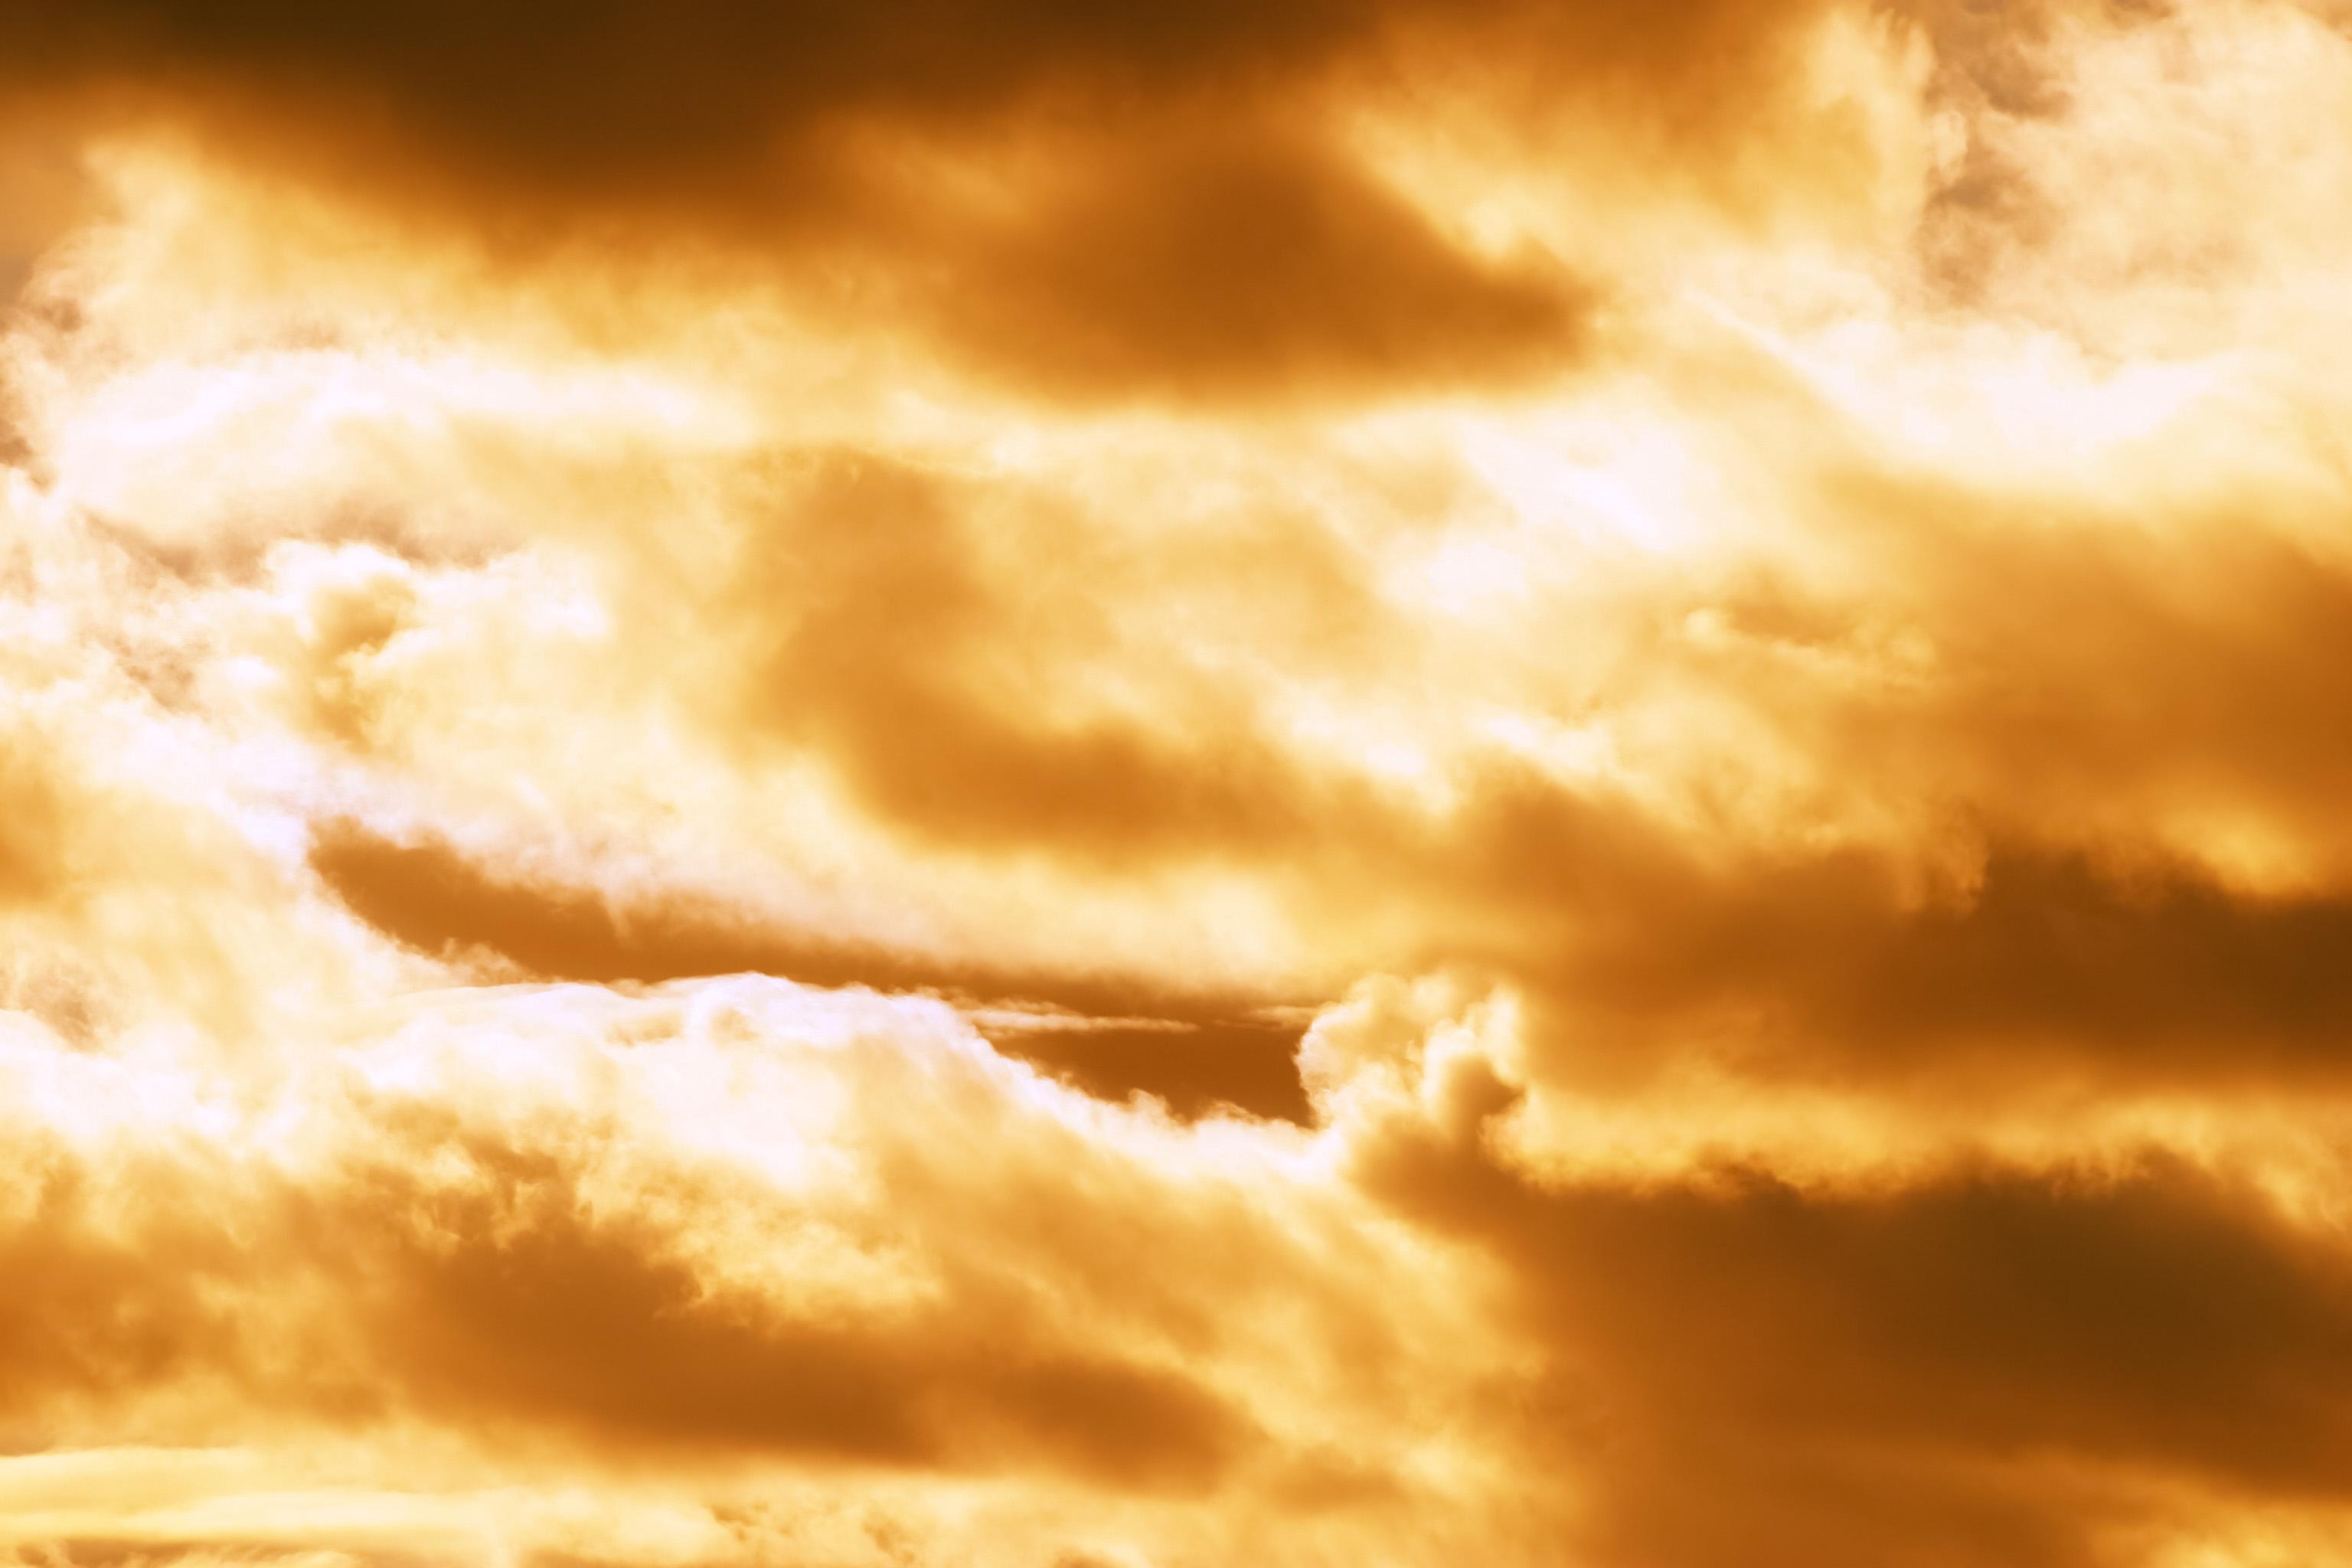 夕暮れの雲からあふれる光 Free Photos L/RGB/JPEG/350dpi